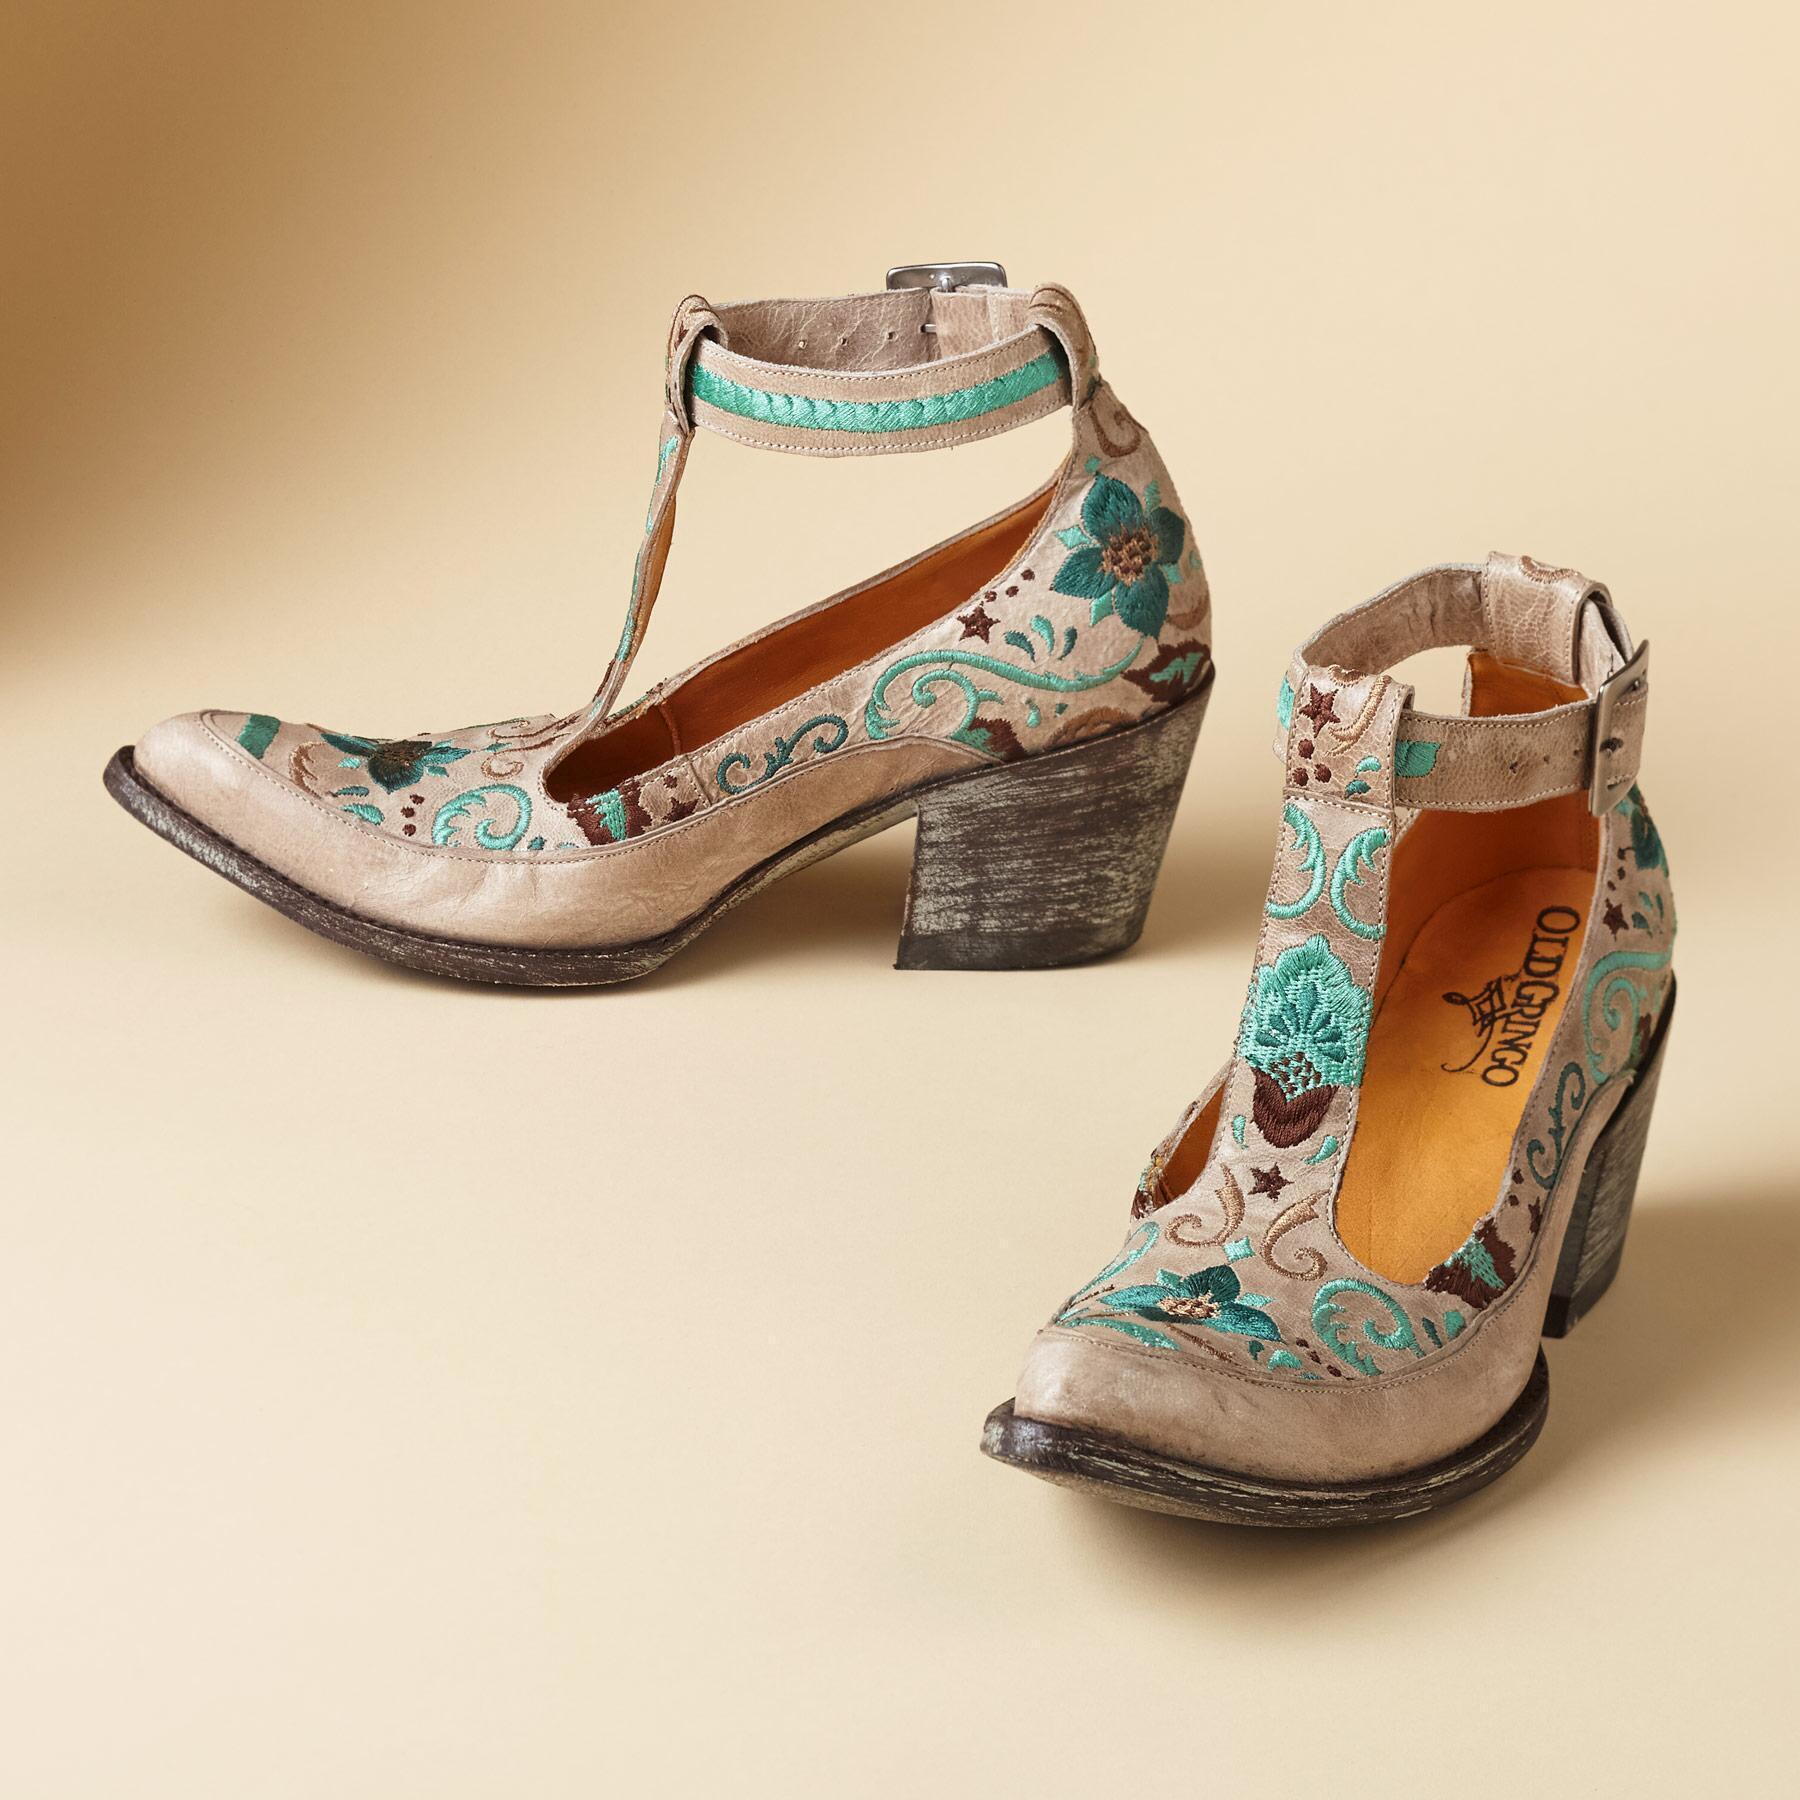 Old Gringo Deborah Rico T Strap Shoes